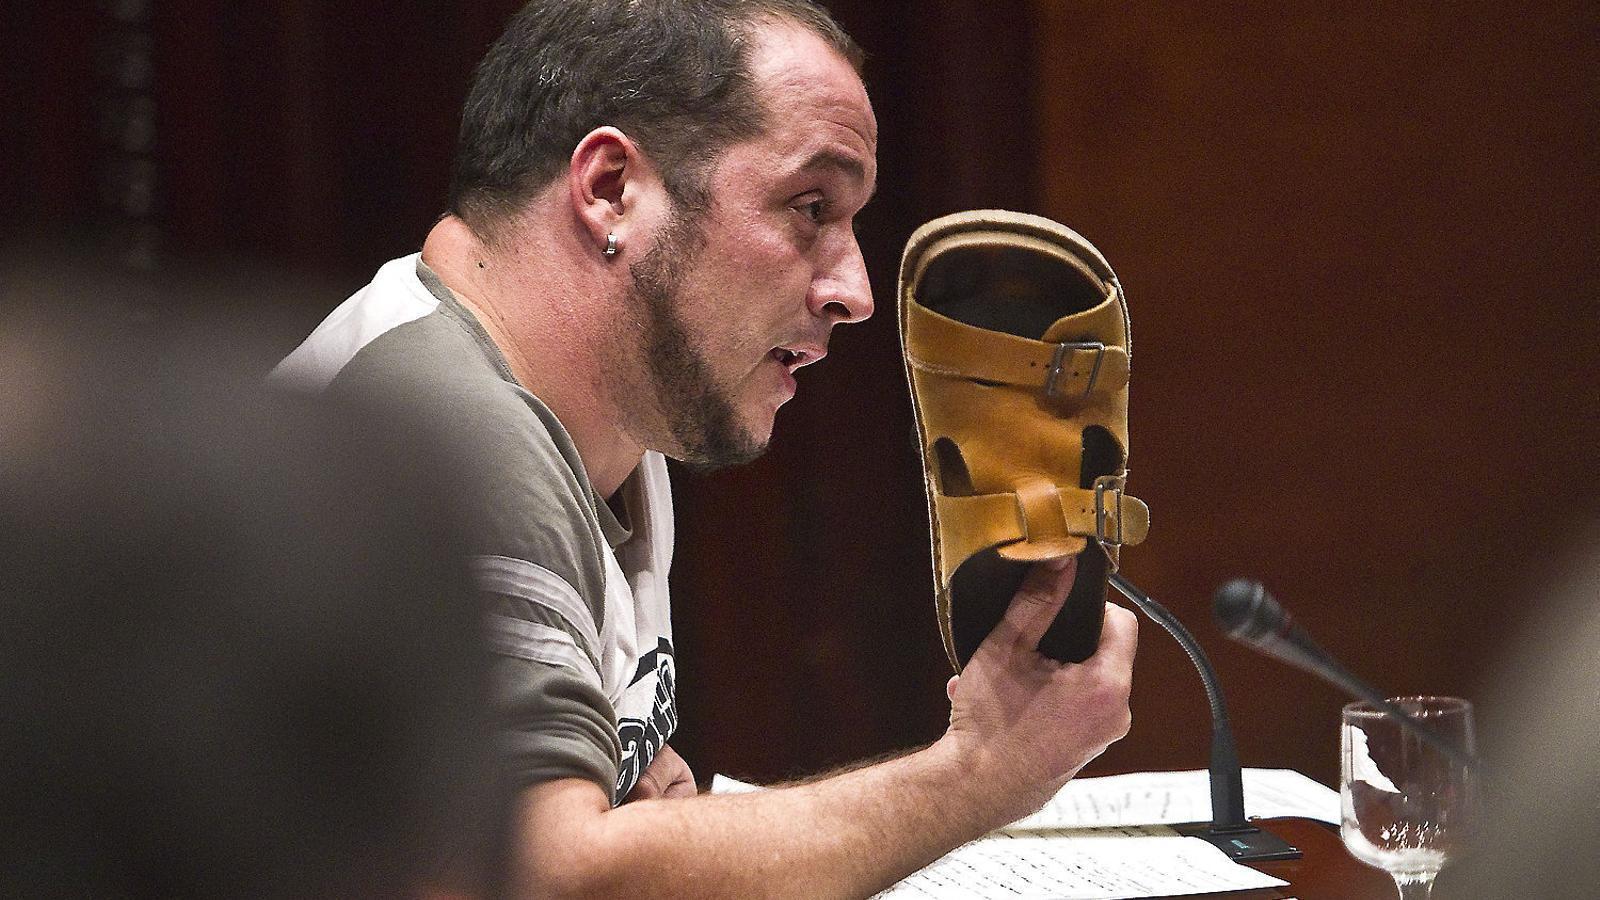 01. David Fernàndez (CUP) a la comissió de caixes.  02. La cadira buida que va deixar Rajoy.  03. El dia que van comparèixer Jordi Pujol i Marta Ferrusola.